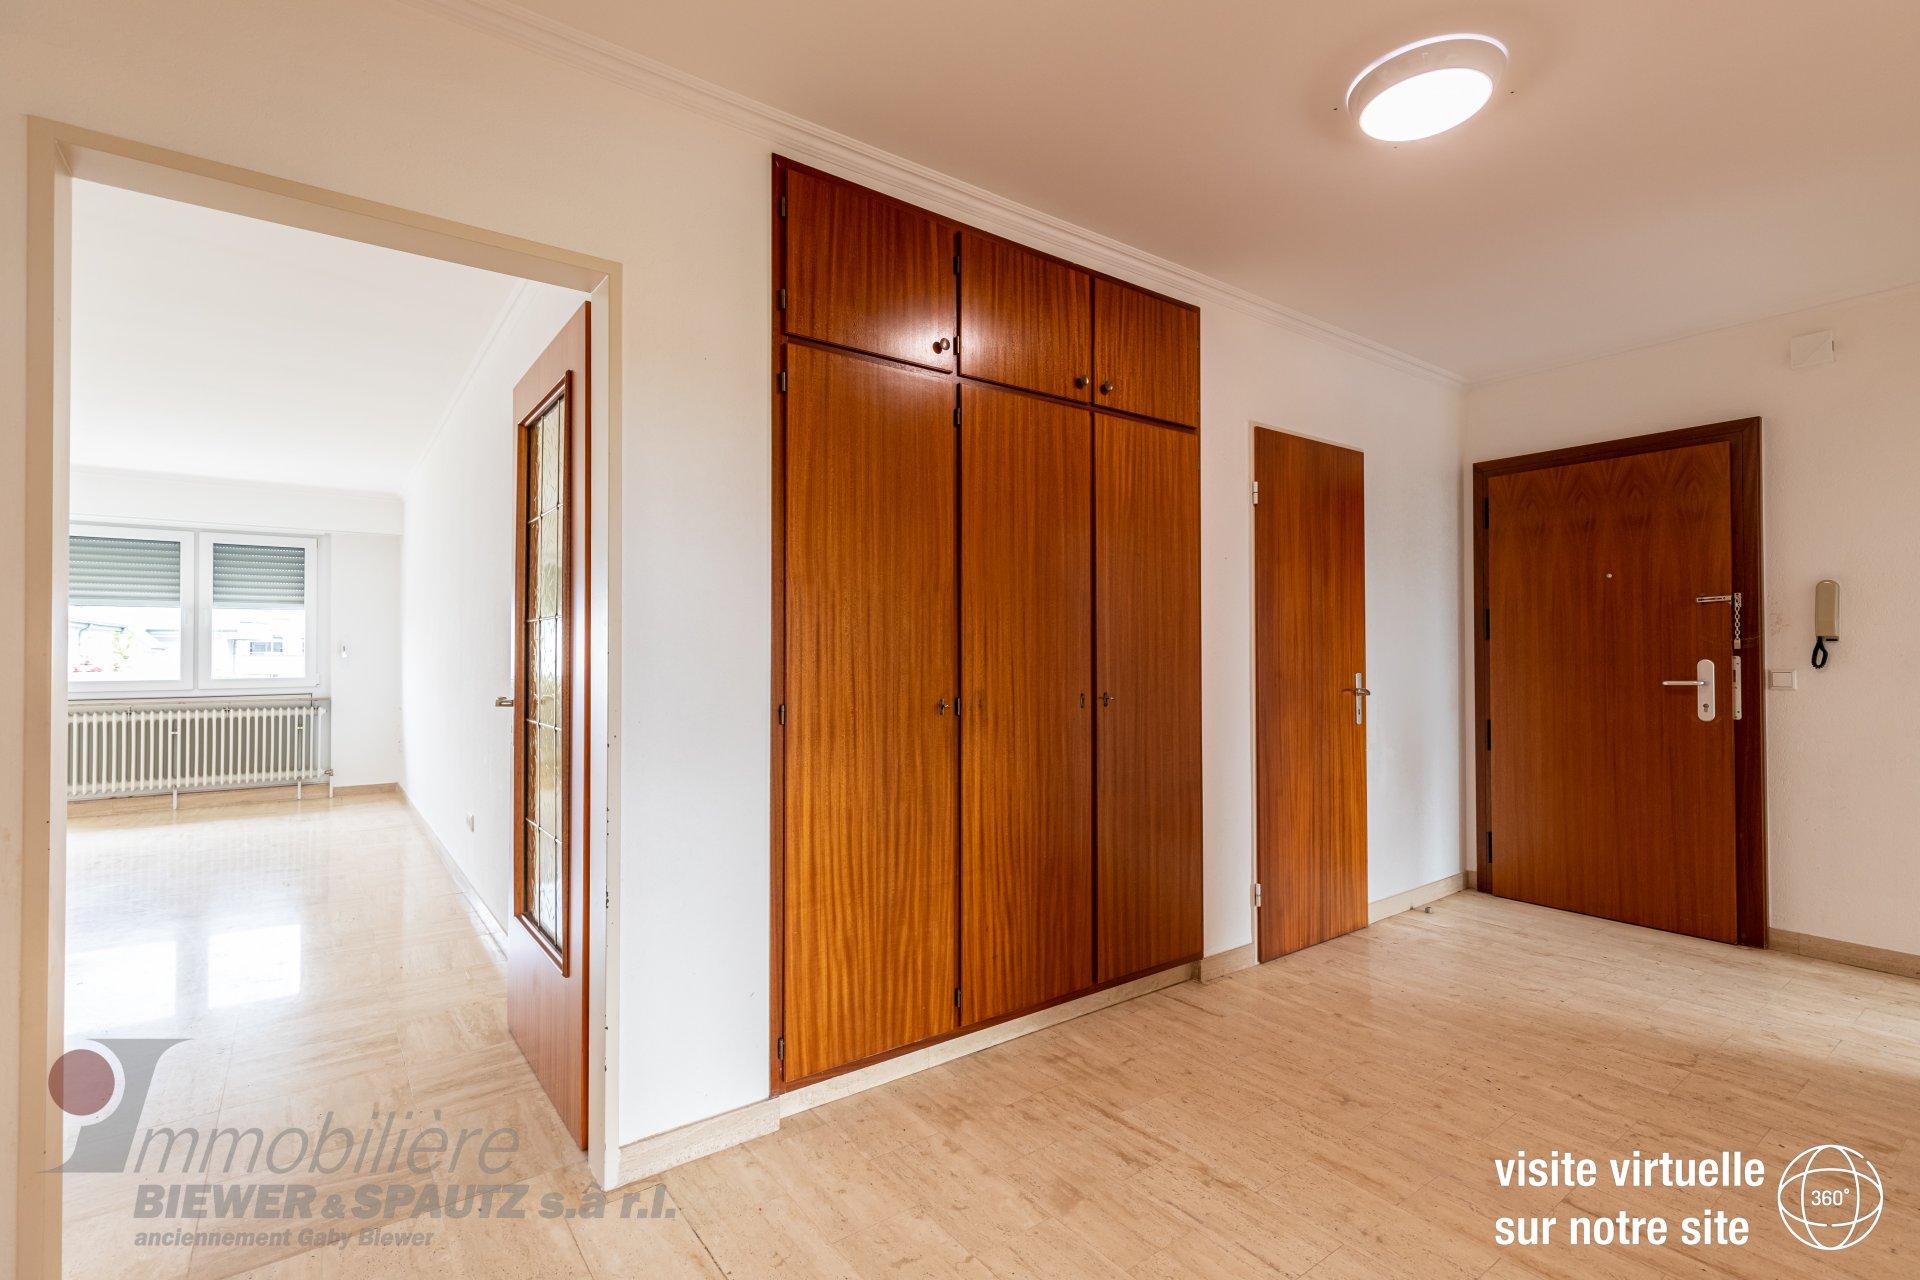 LOUE - appartement avec 2 chambres à coucher à Howald